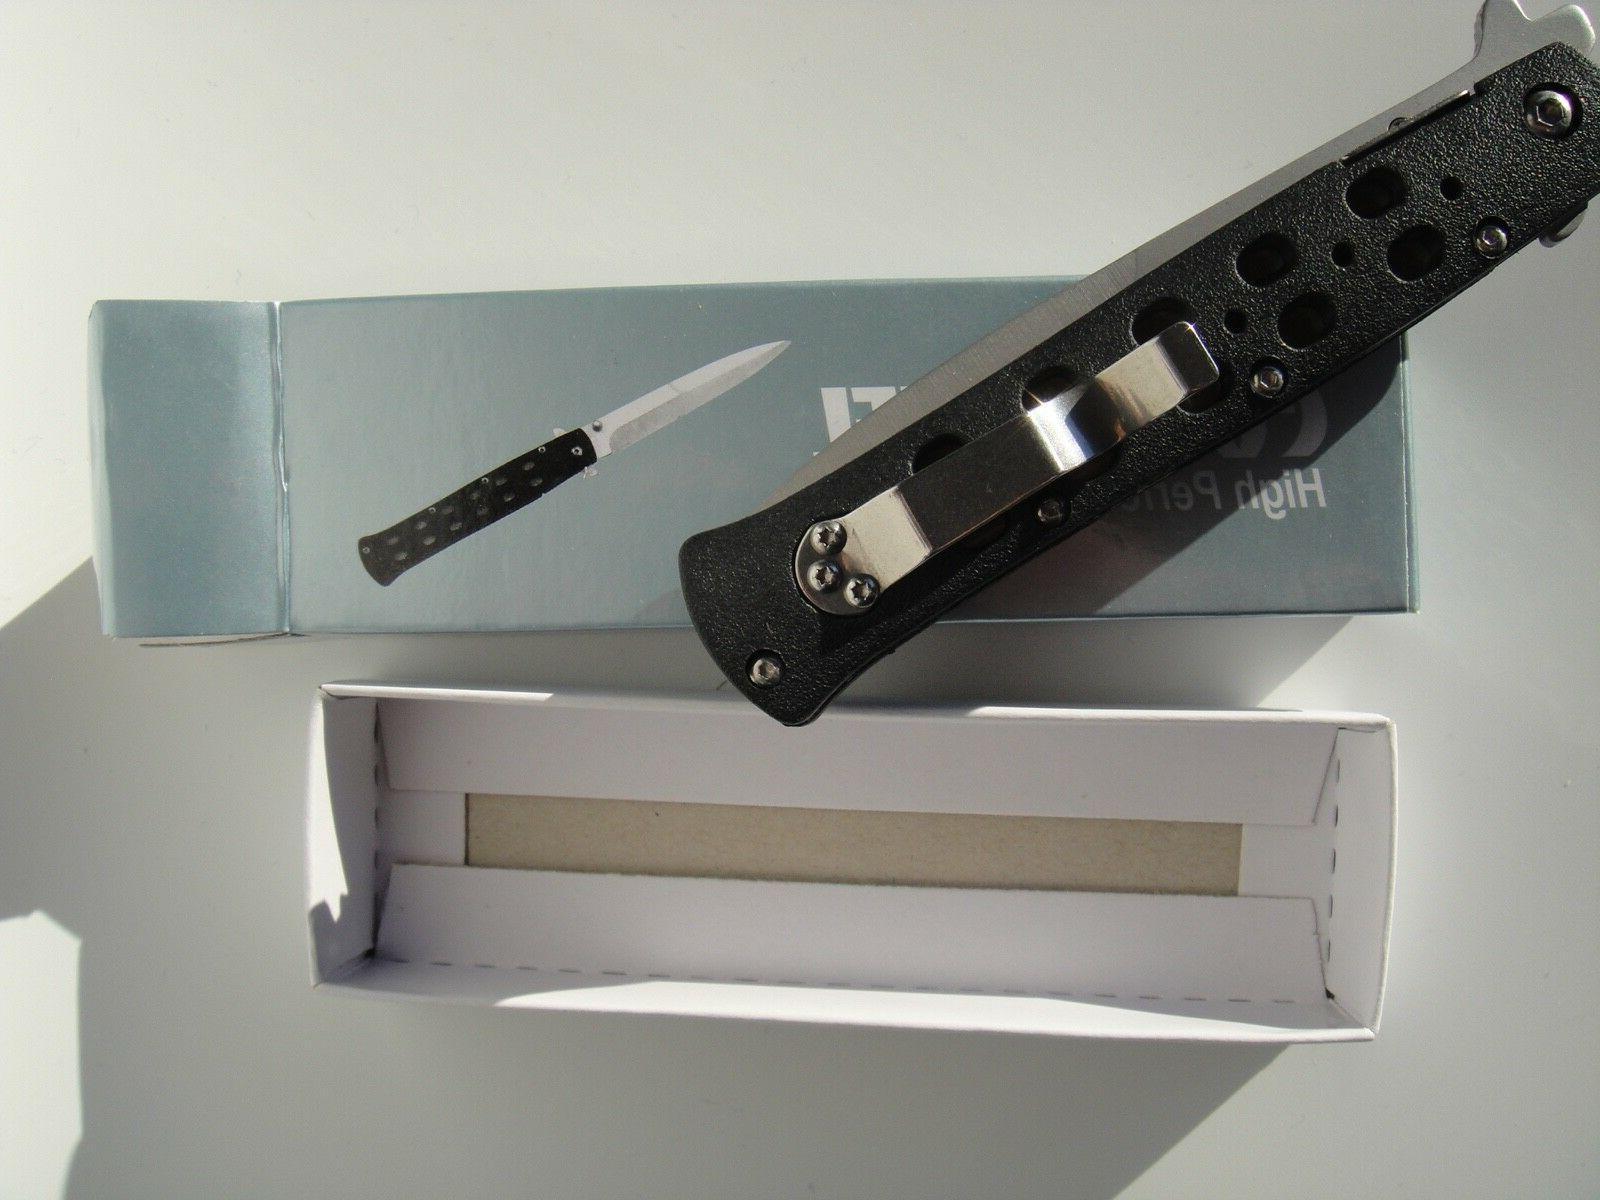 Cold Knife Ti-Lite Zytel Handle Folding Pocket